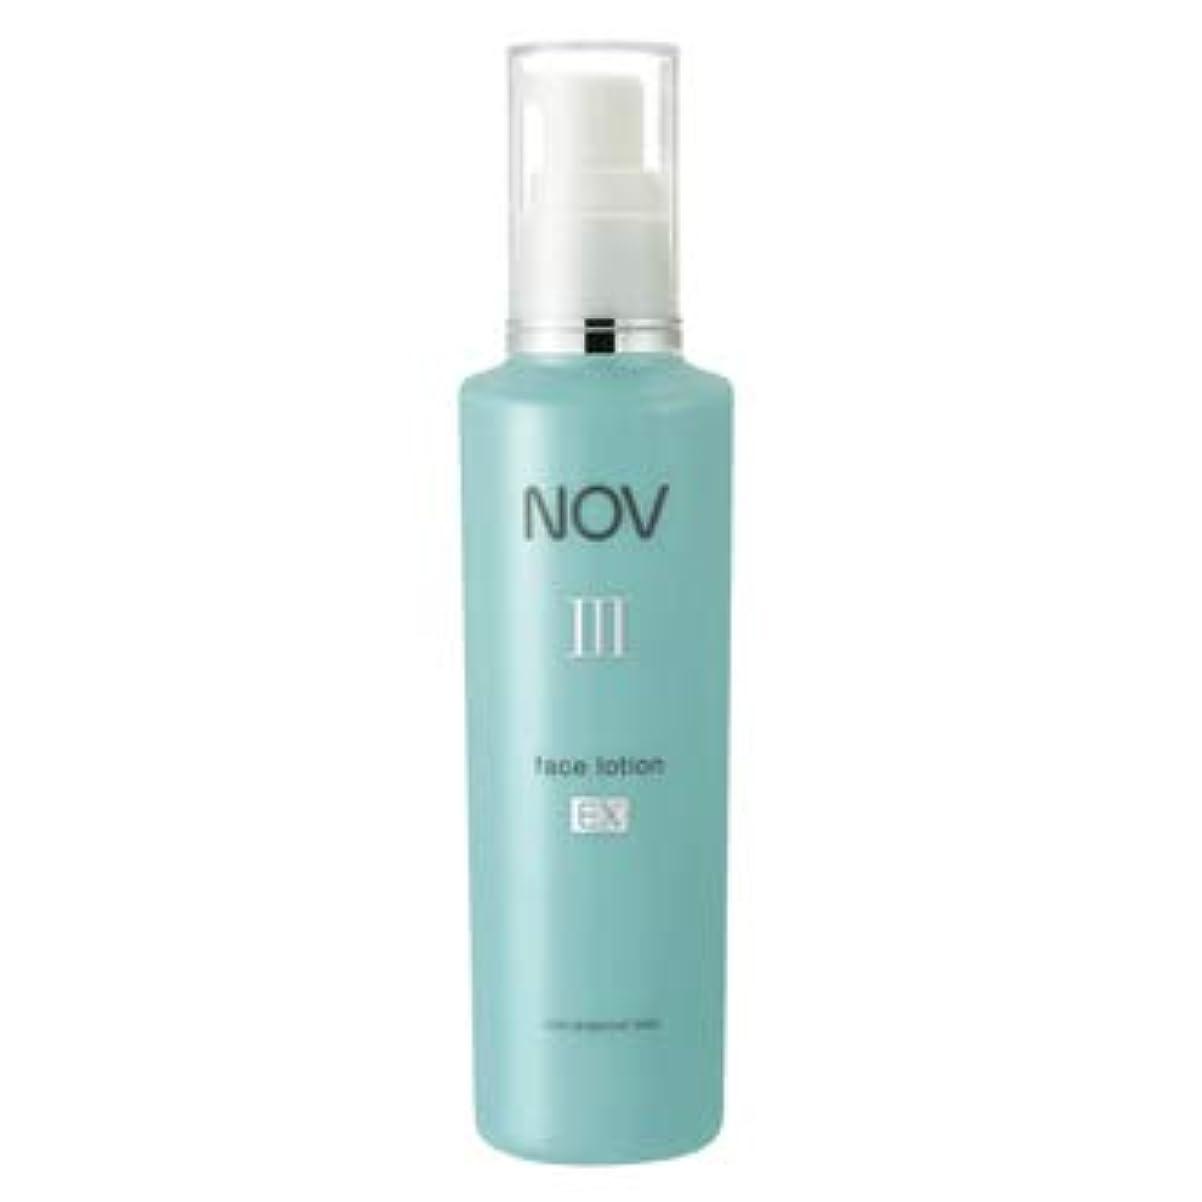 どんなときもホスト摂動ノブ Ⅲ フェイスローション EX 120ml 高保湿化粧水 [並行輸入品]